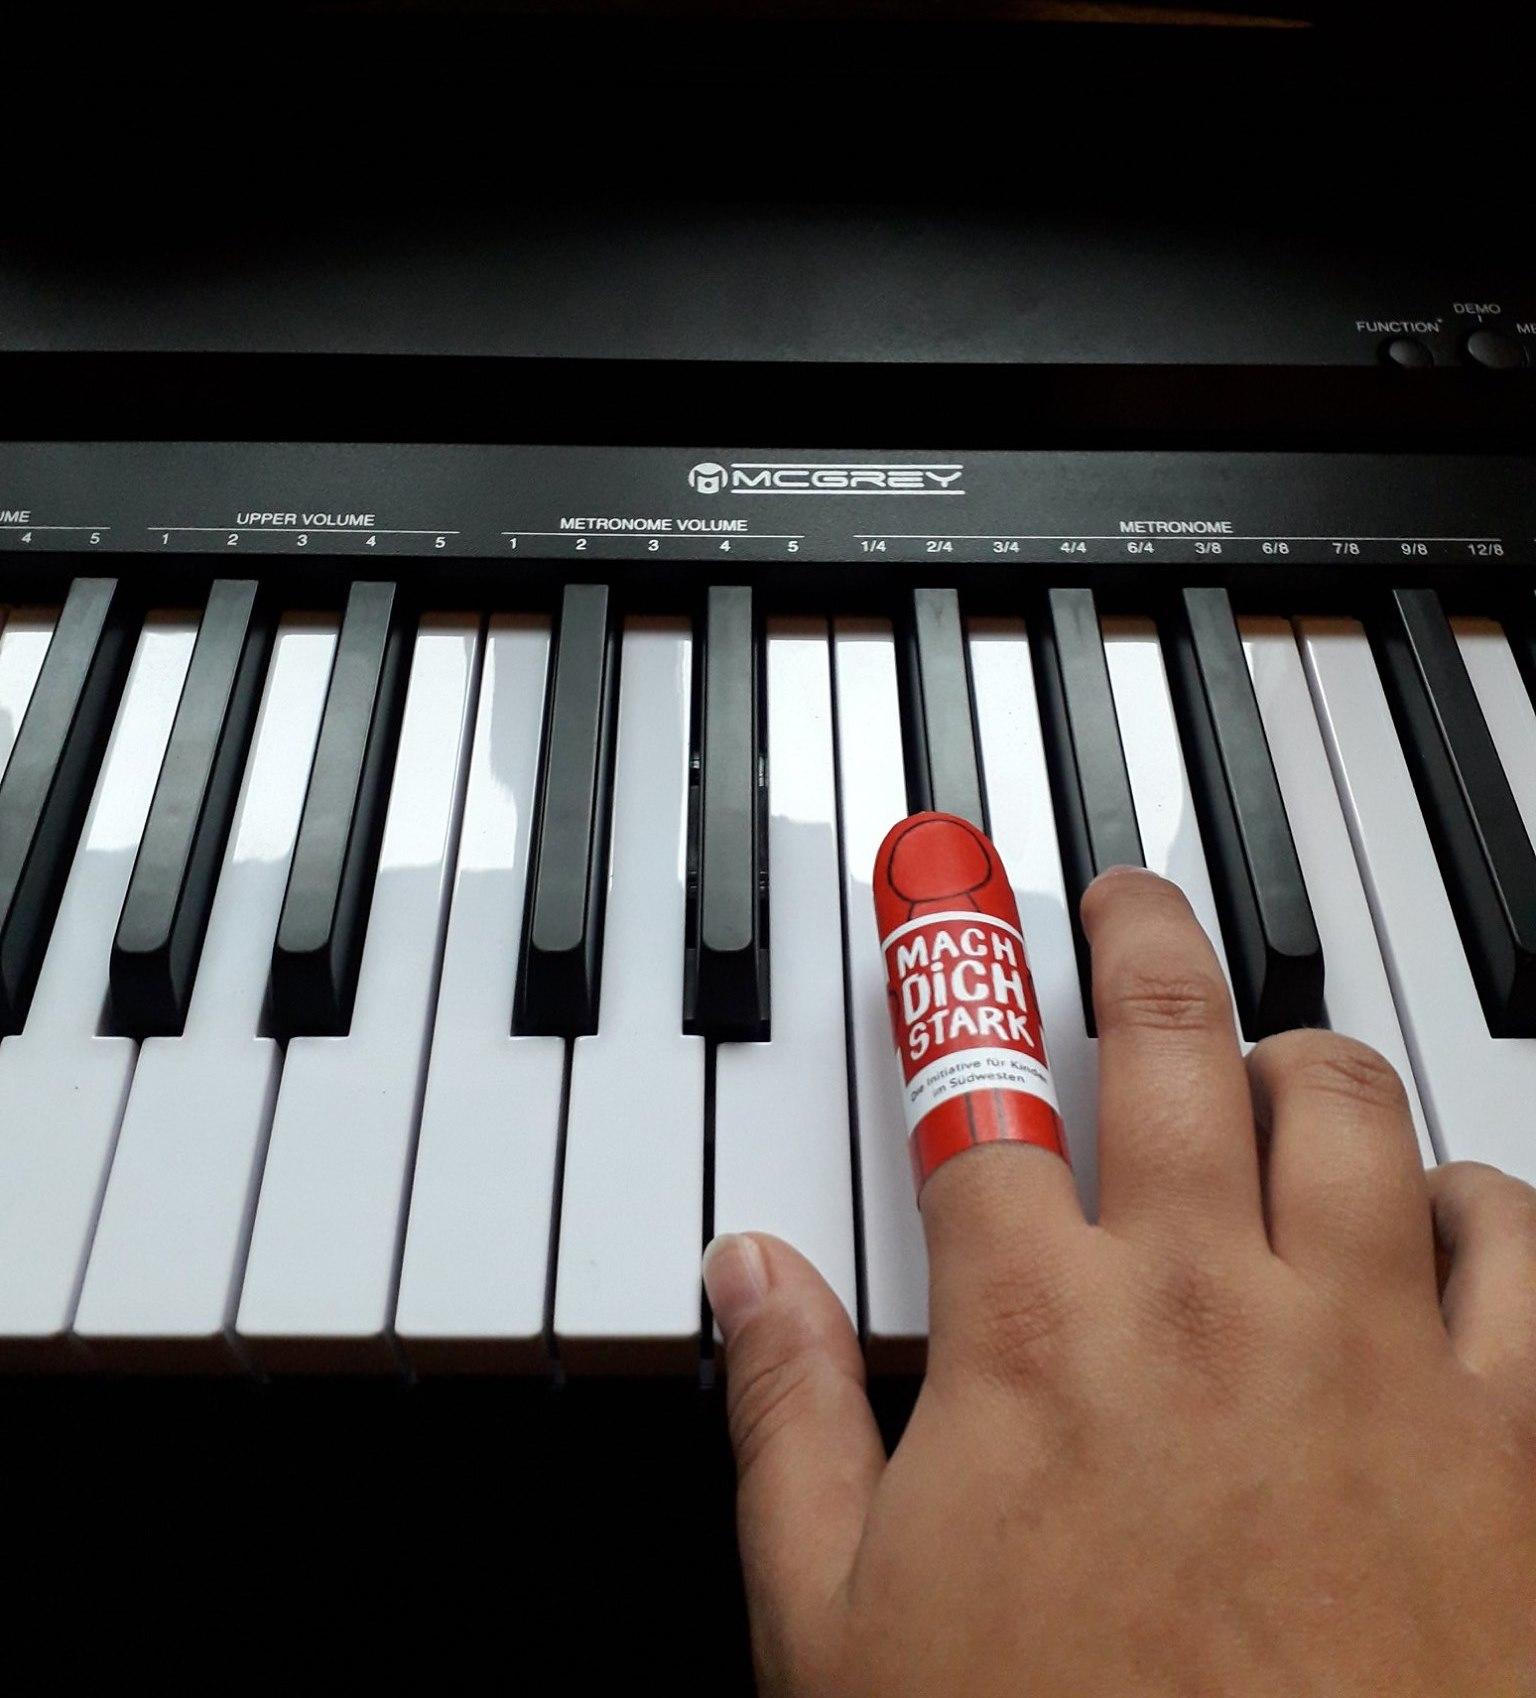 Eine Hand auf einer Klaviertastatur. Auf dem Zeigefinger der Hand ist eine rote Fingerpuppe.